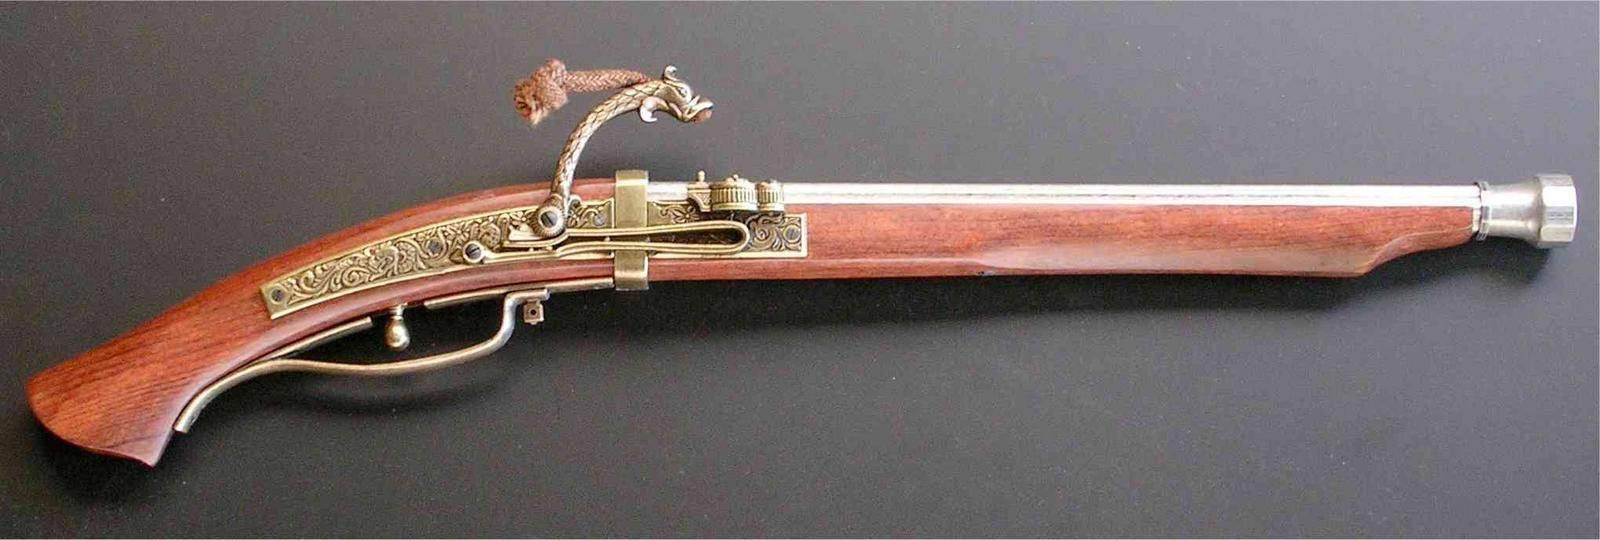 Где применялся мушкет. мушкет — силы пехоты и оружие бравых солдат